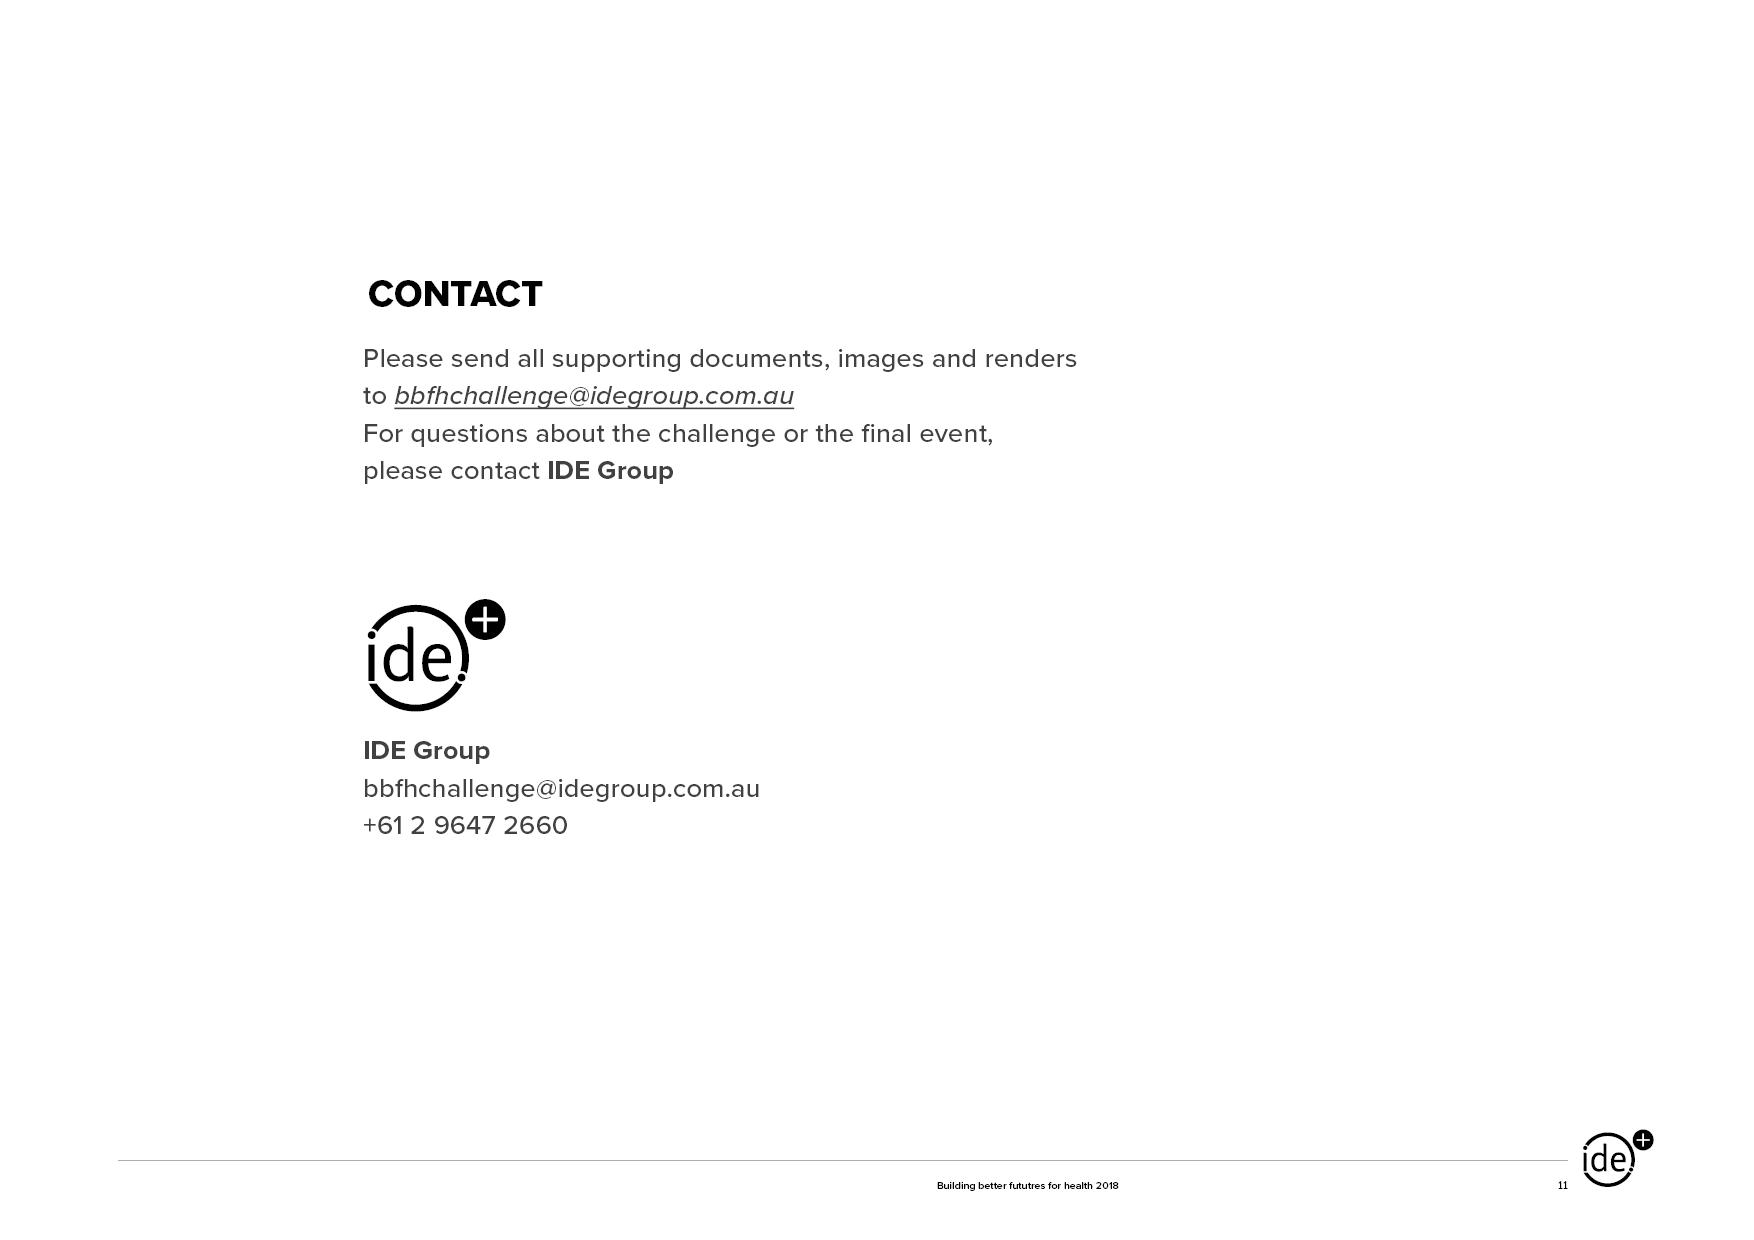 pp01ide-kh190206r1a11.png